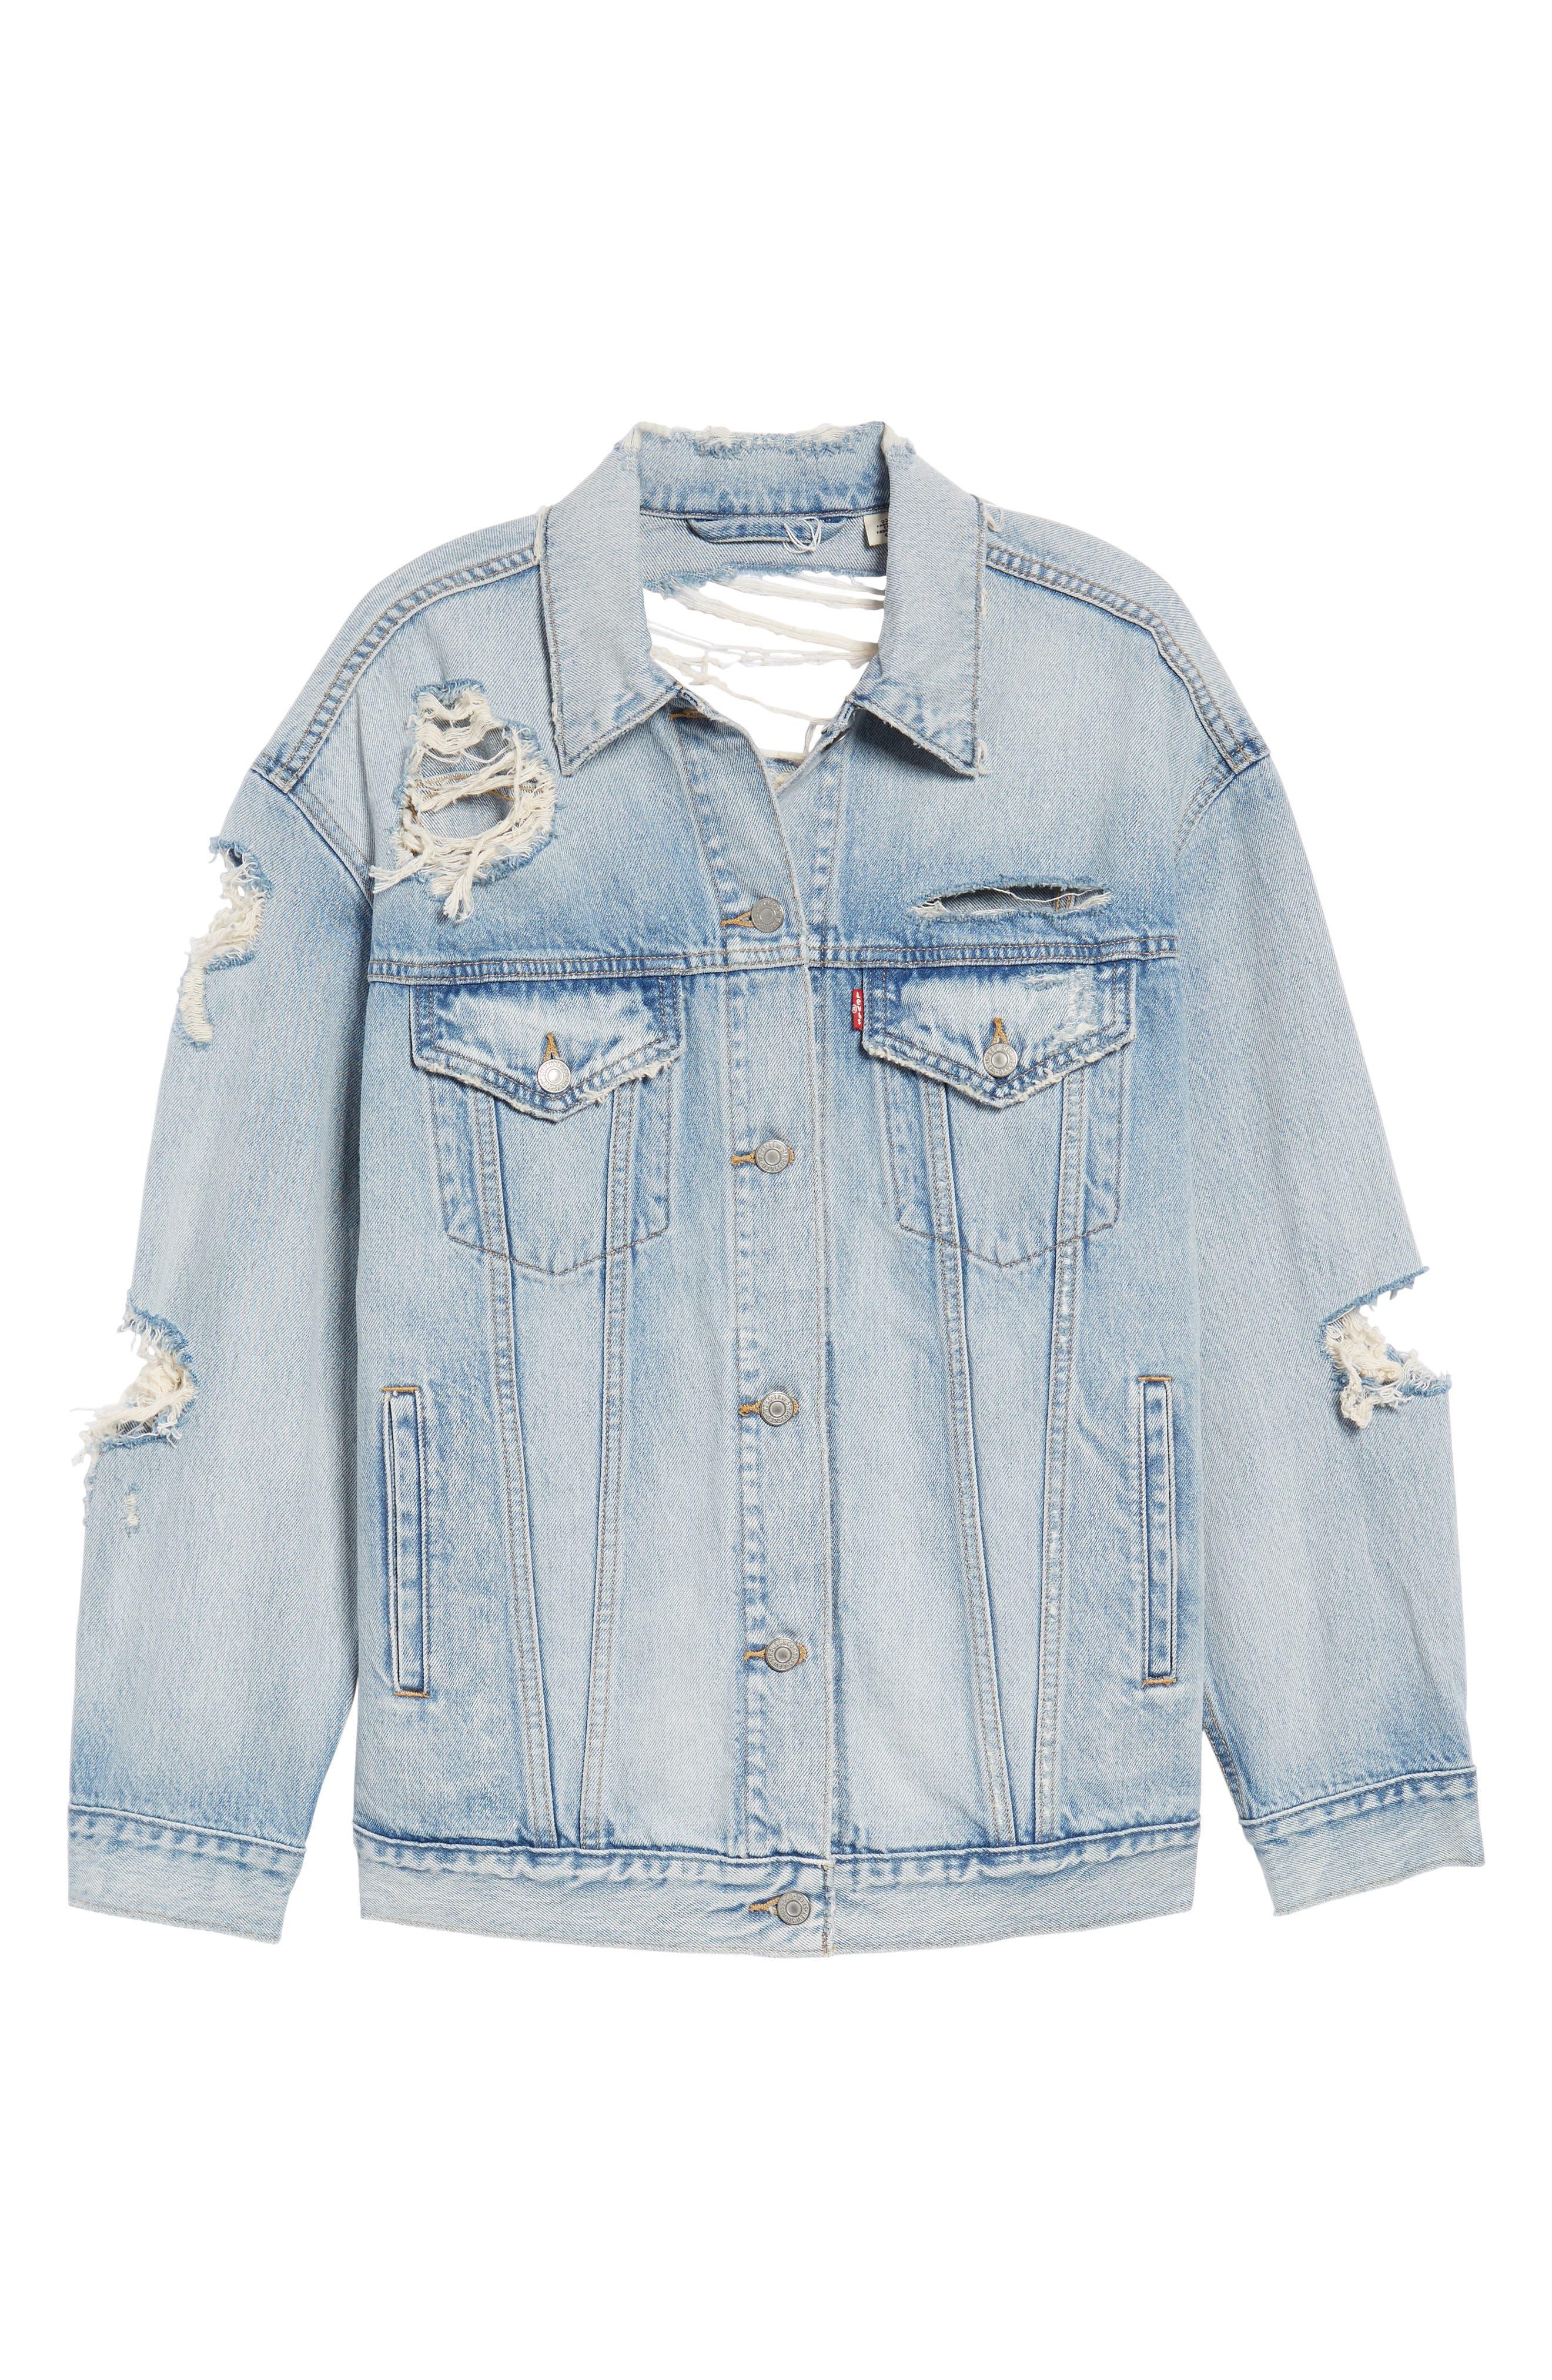 Levis<sup>®</sup> Baggy Trucker Denim Jacket,                             Alternate thumbnail 5, color,                             401